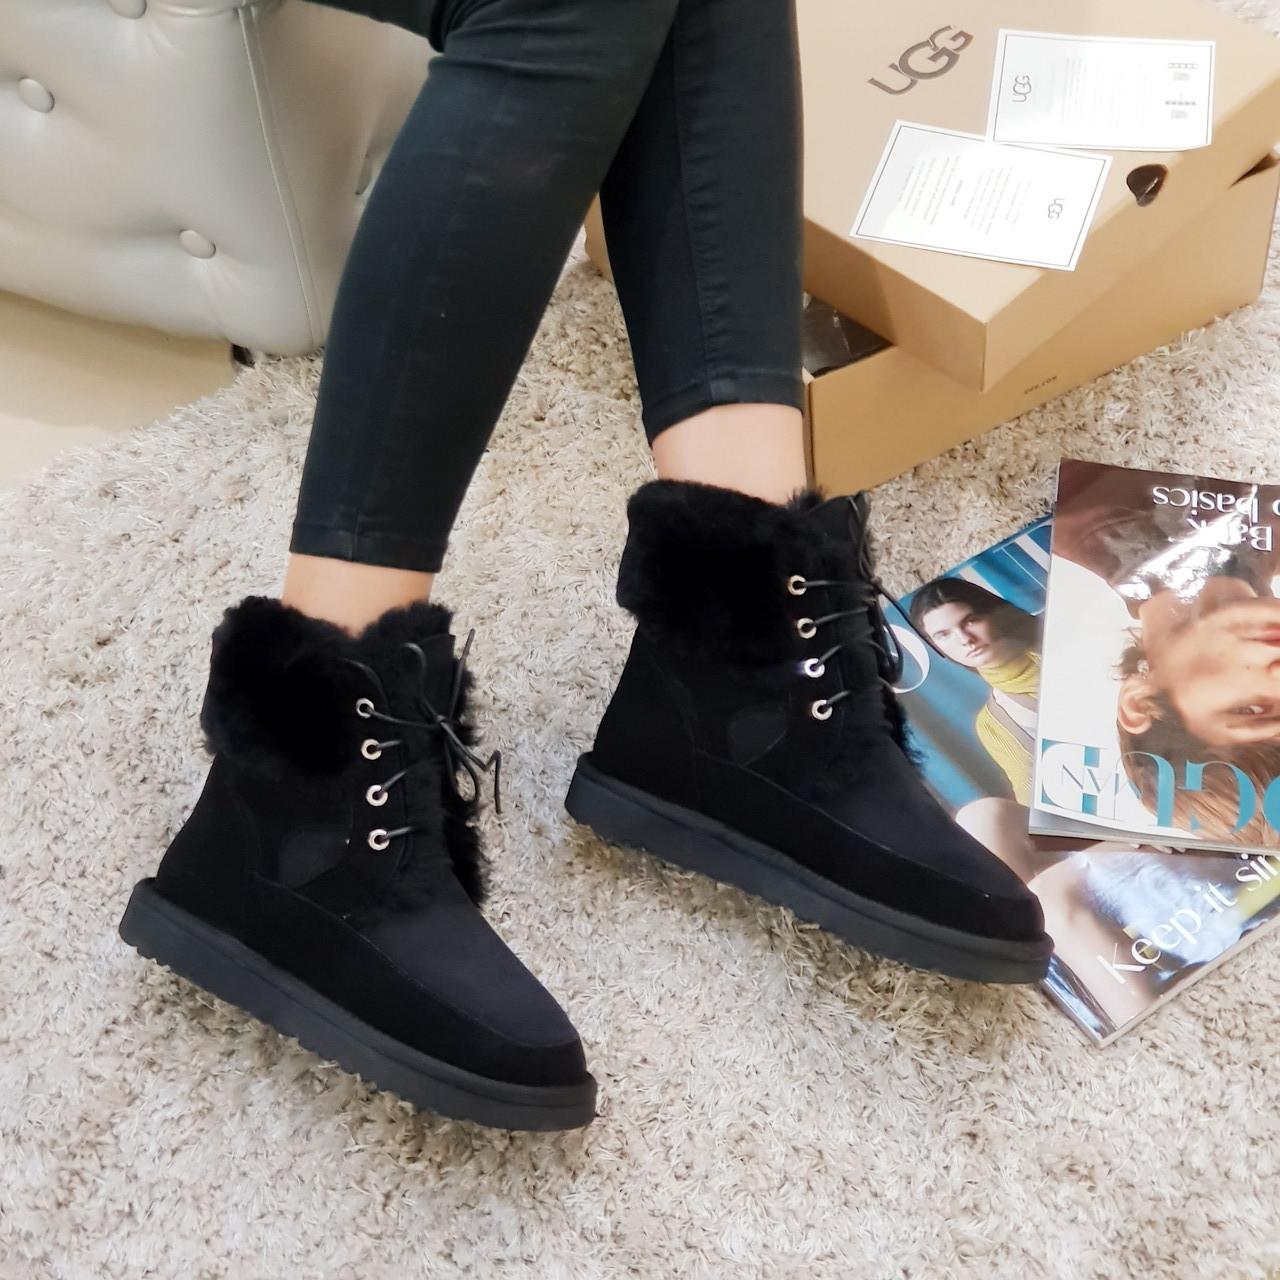 Угги женские на шнурках зимние Ugg ботинки из натуральной замши и овчины черные